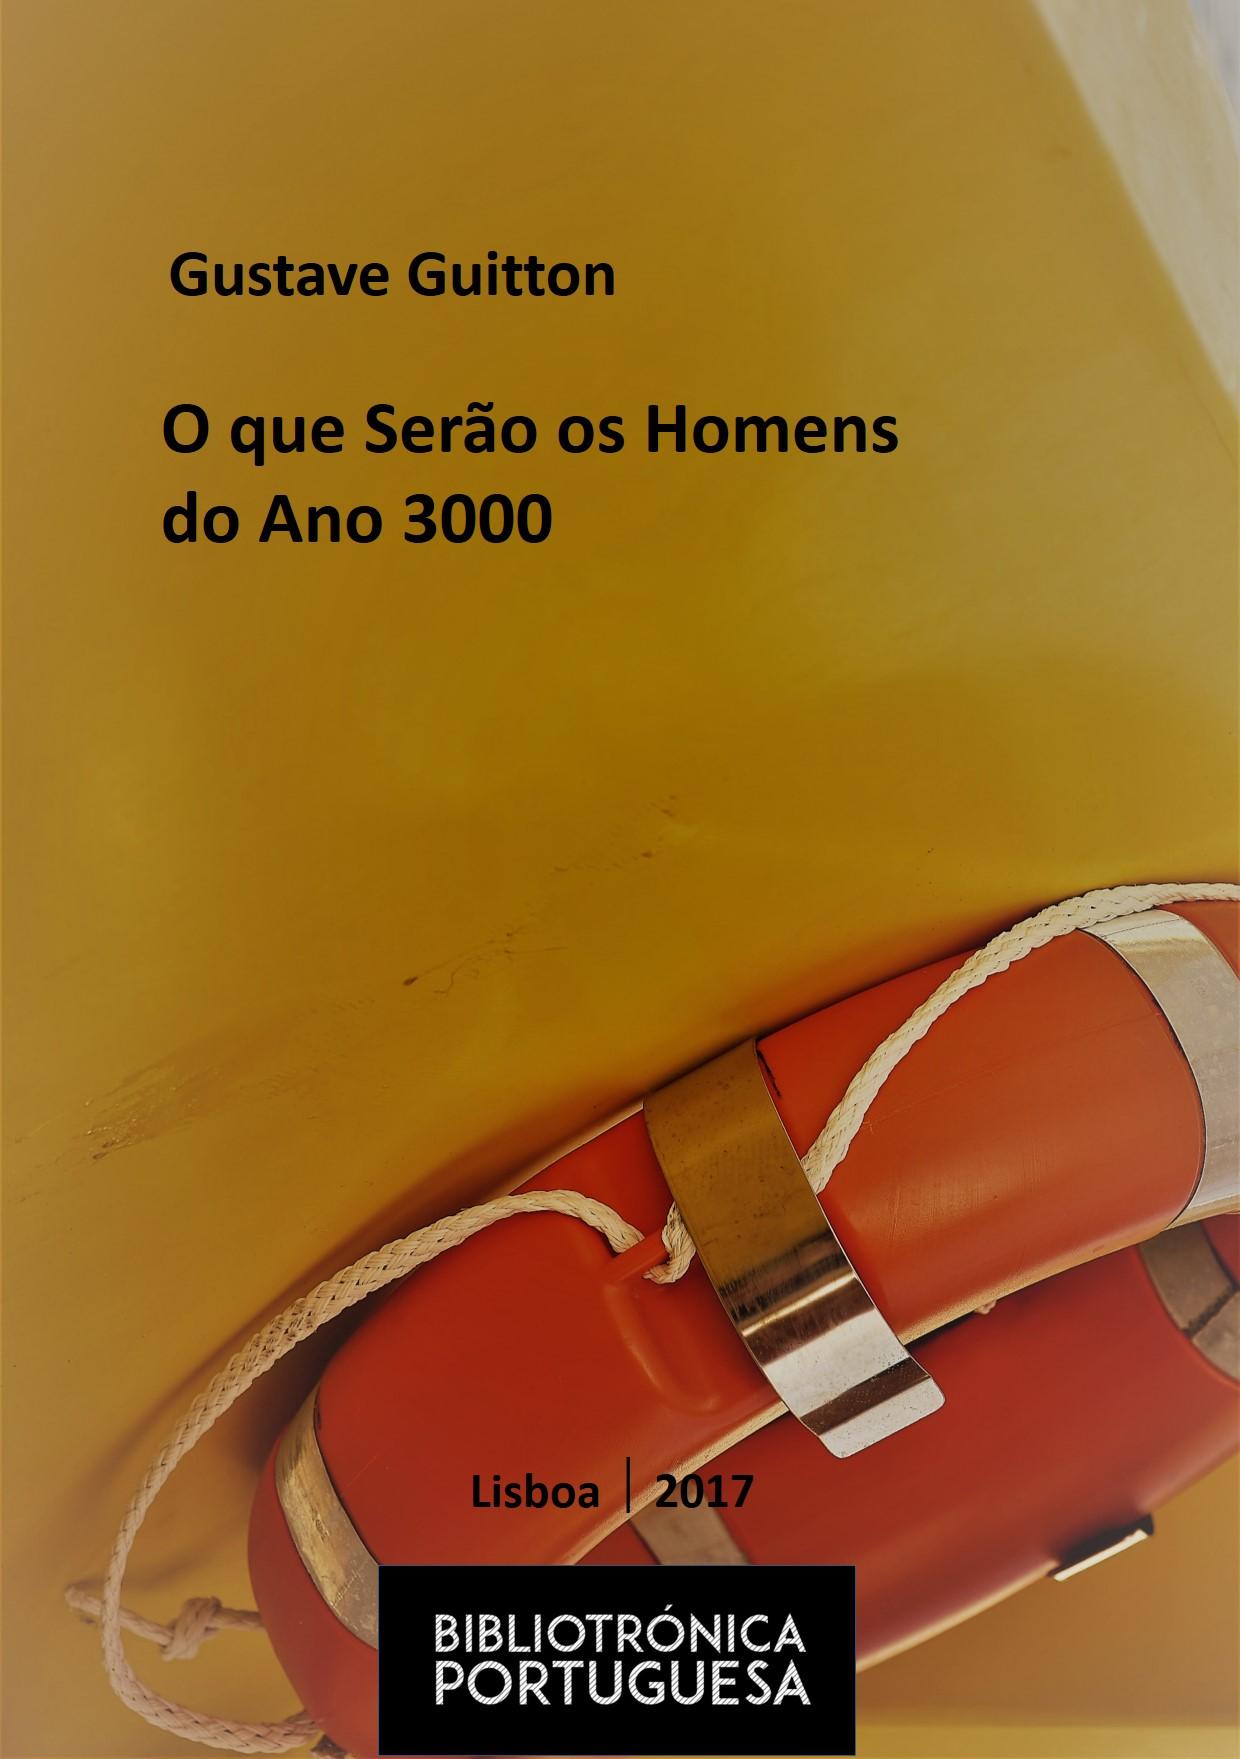 Resultado de imagem para O que Serão os Homens do Ano 3000 de Gustave Guitton